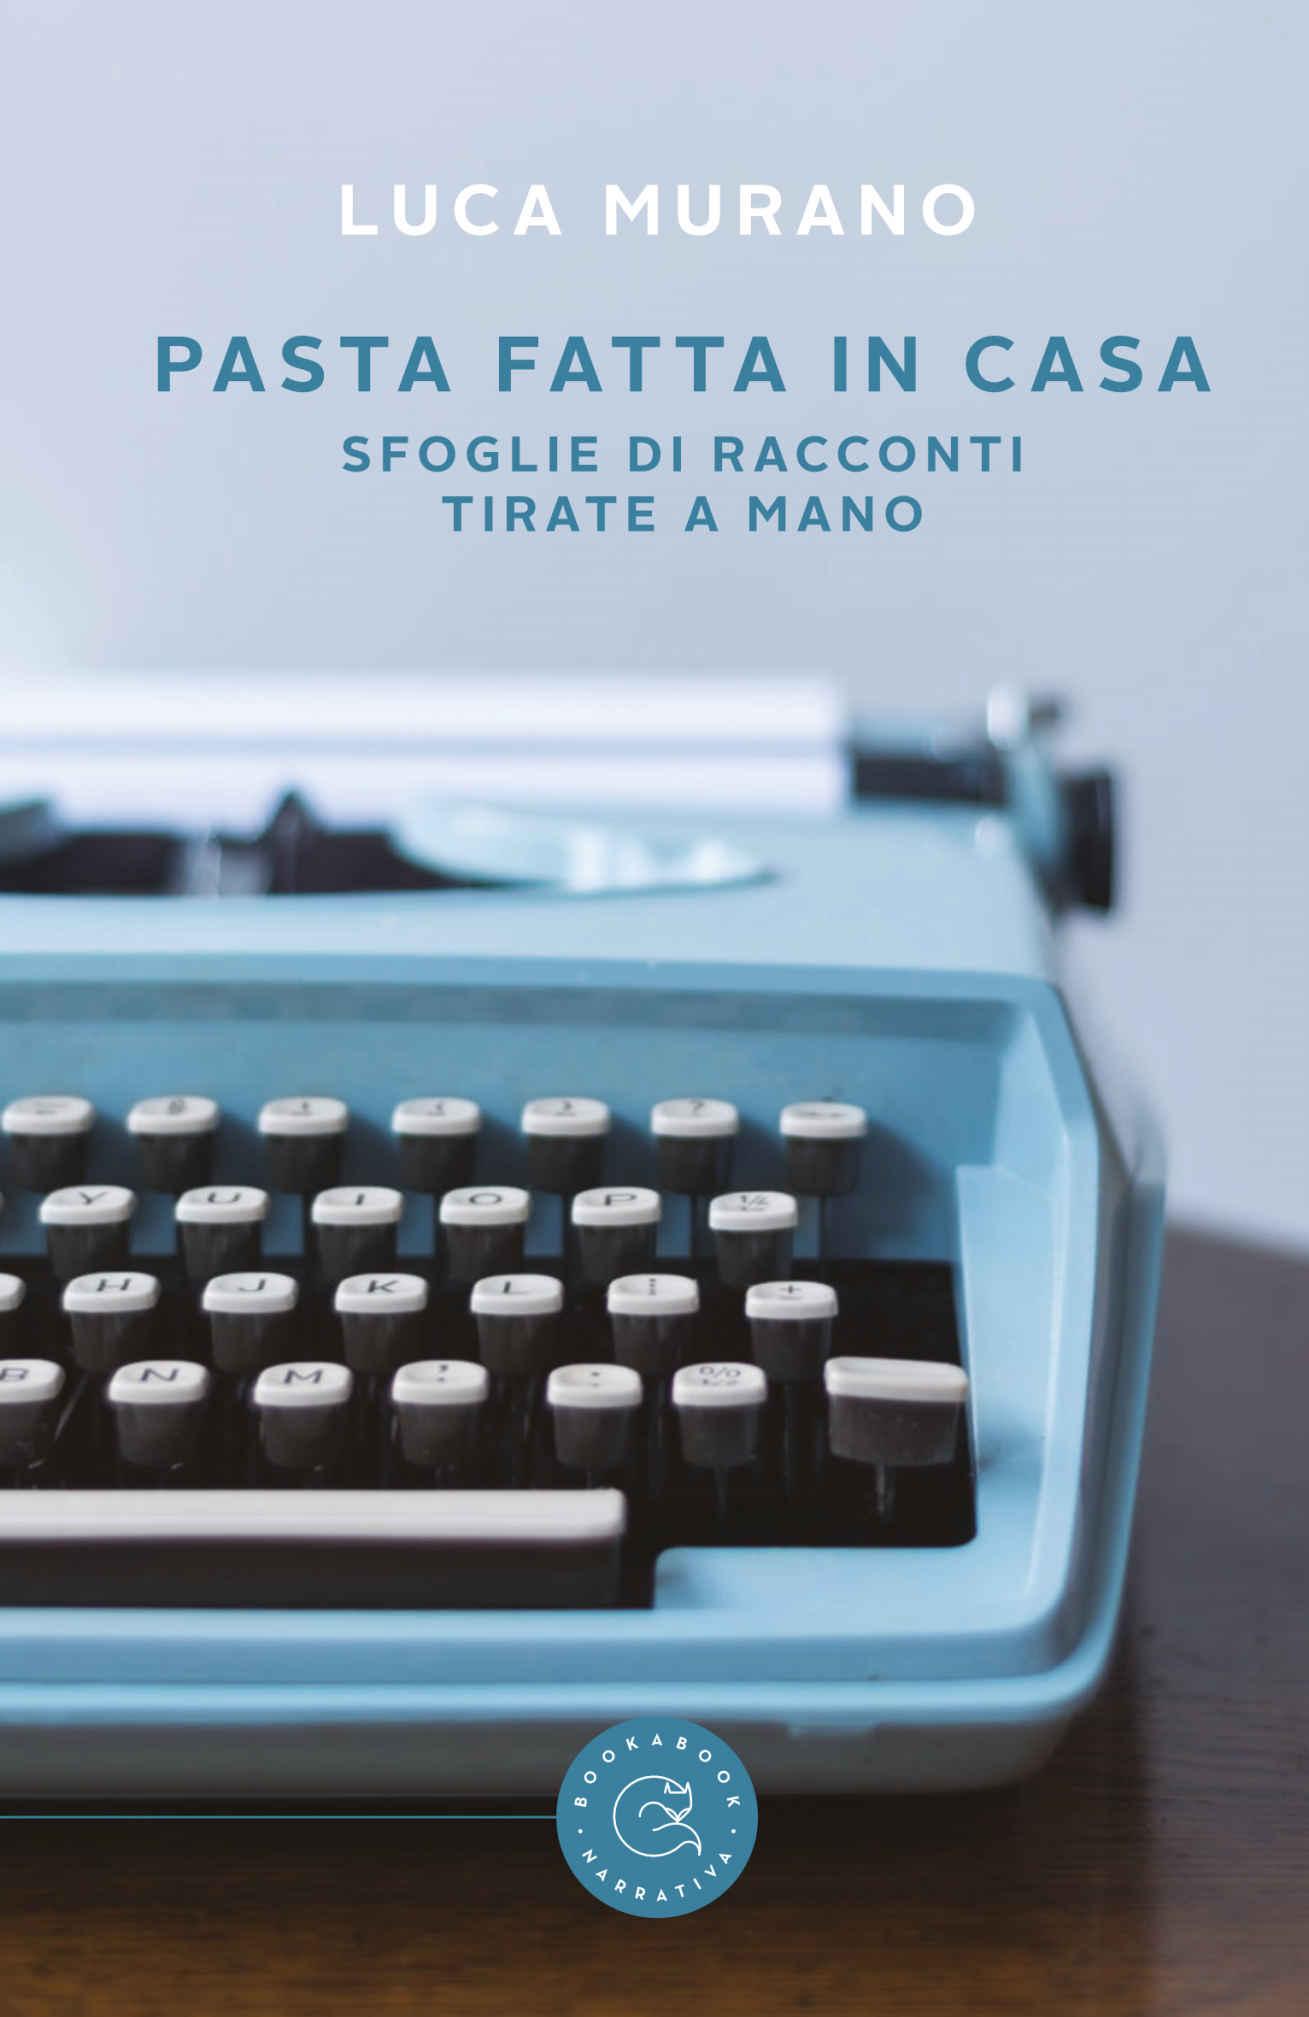 Pasta fatta in casa | Luca Murano